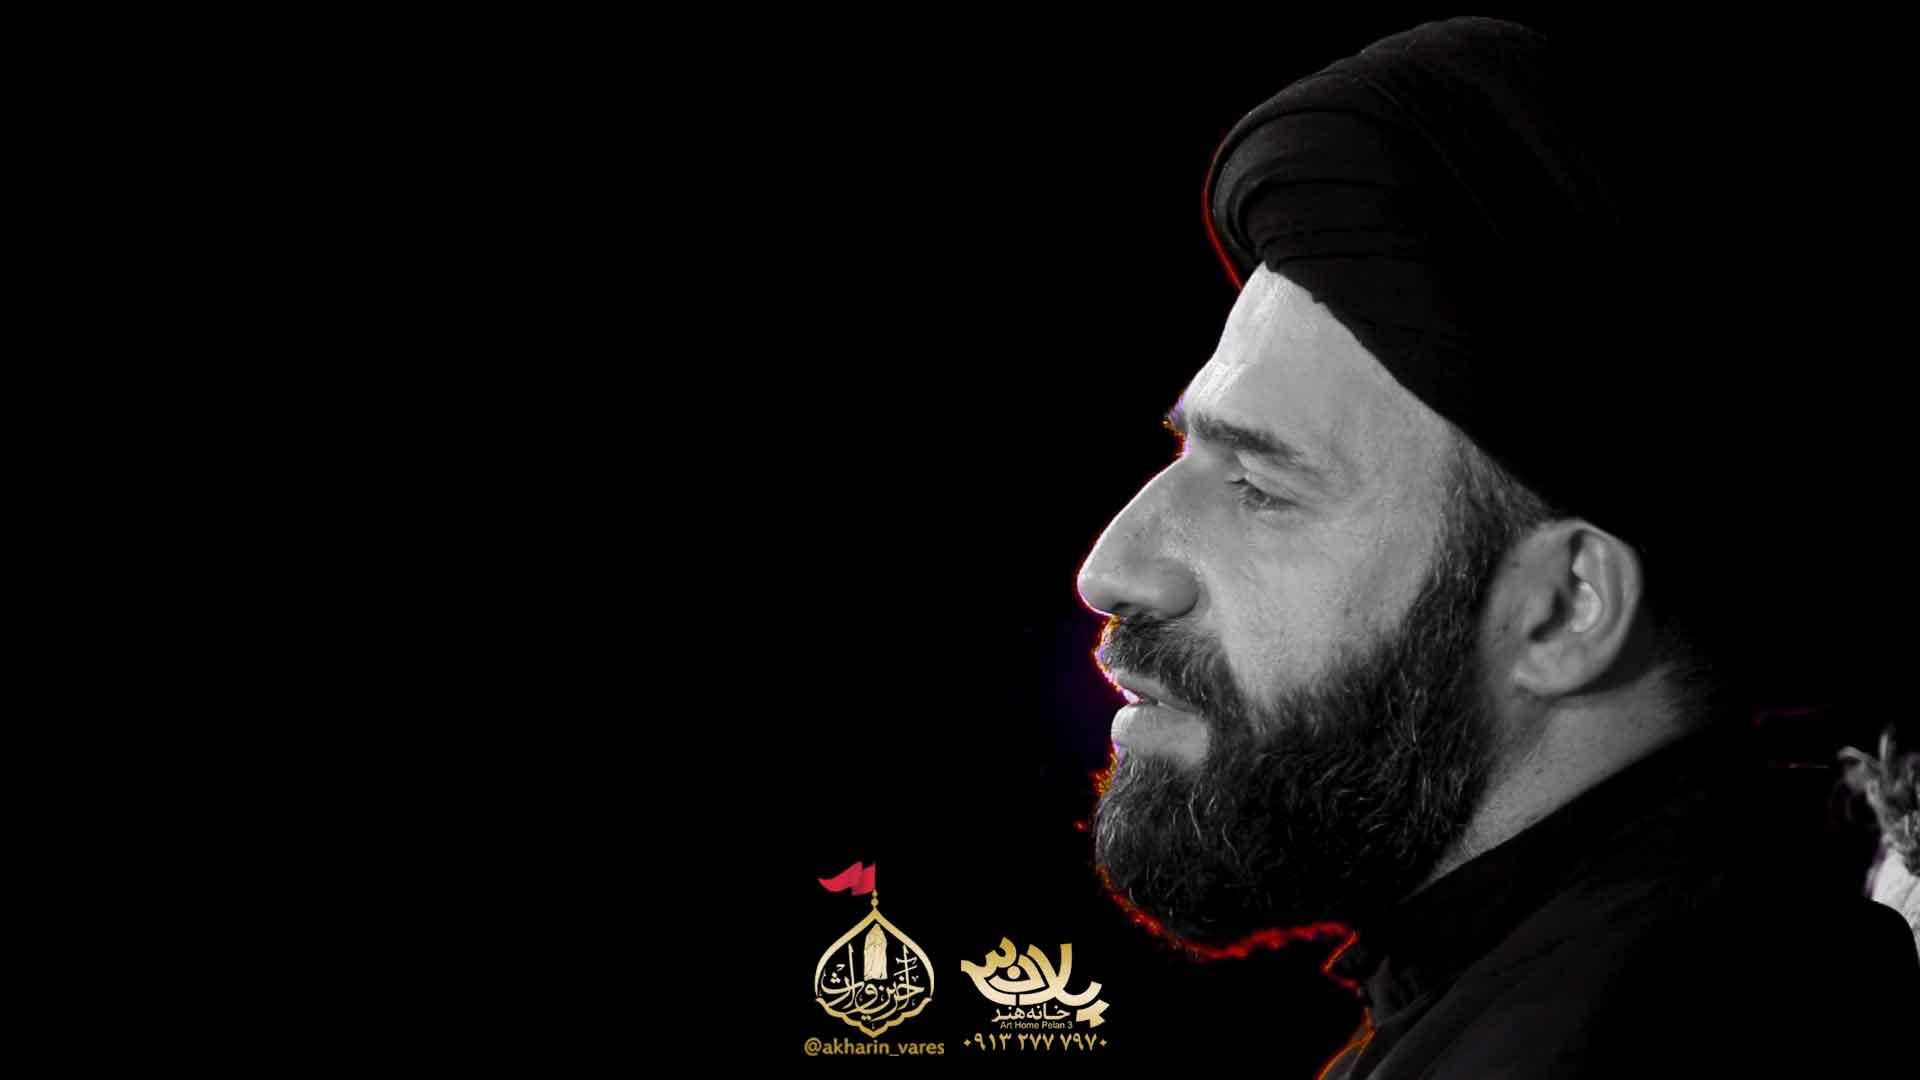 حزن کربلا هادی احمدی